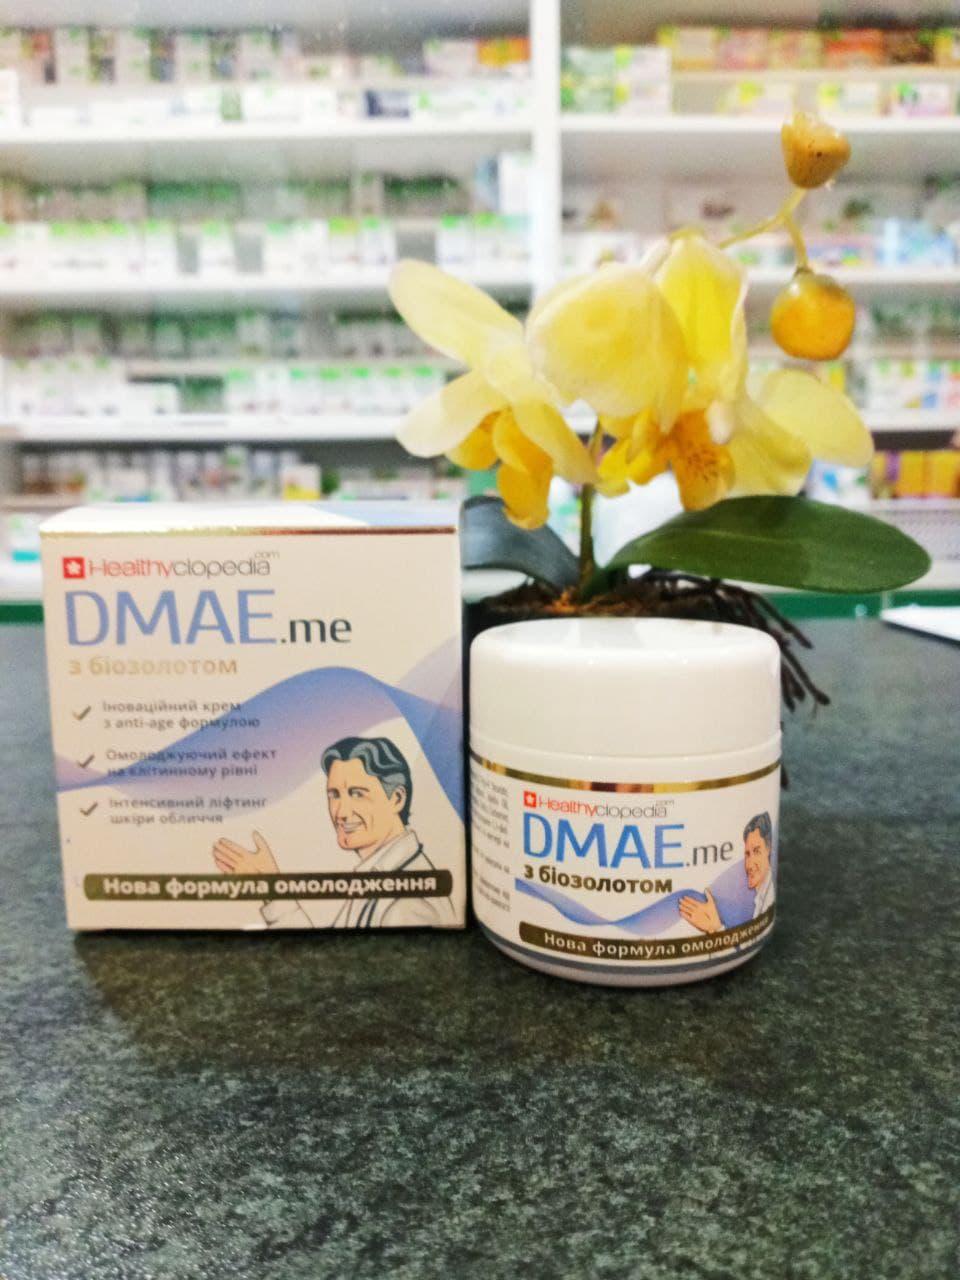 Крем для лица ДМАЕ с биозолотом. Антивозрастная косметика с эффектом лифтинга и выработки коллагена и эластина для омолаживания на клеточном уровне